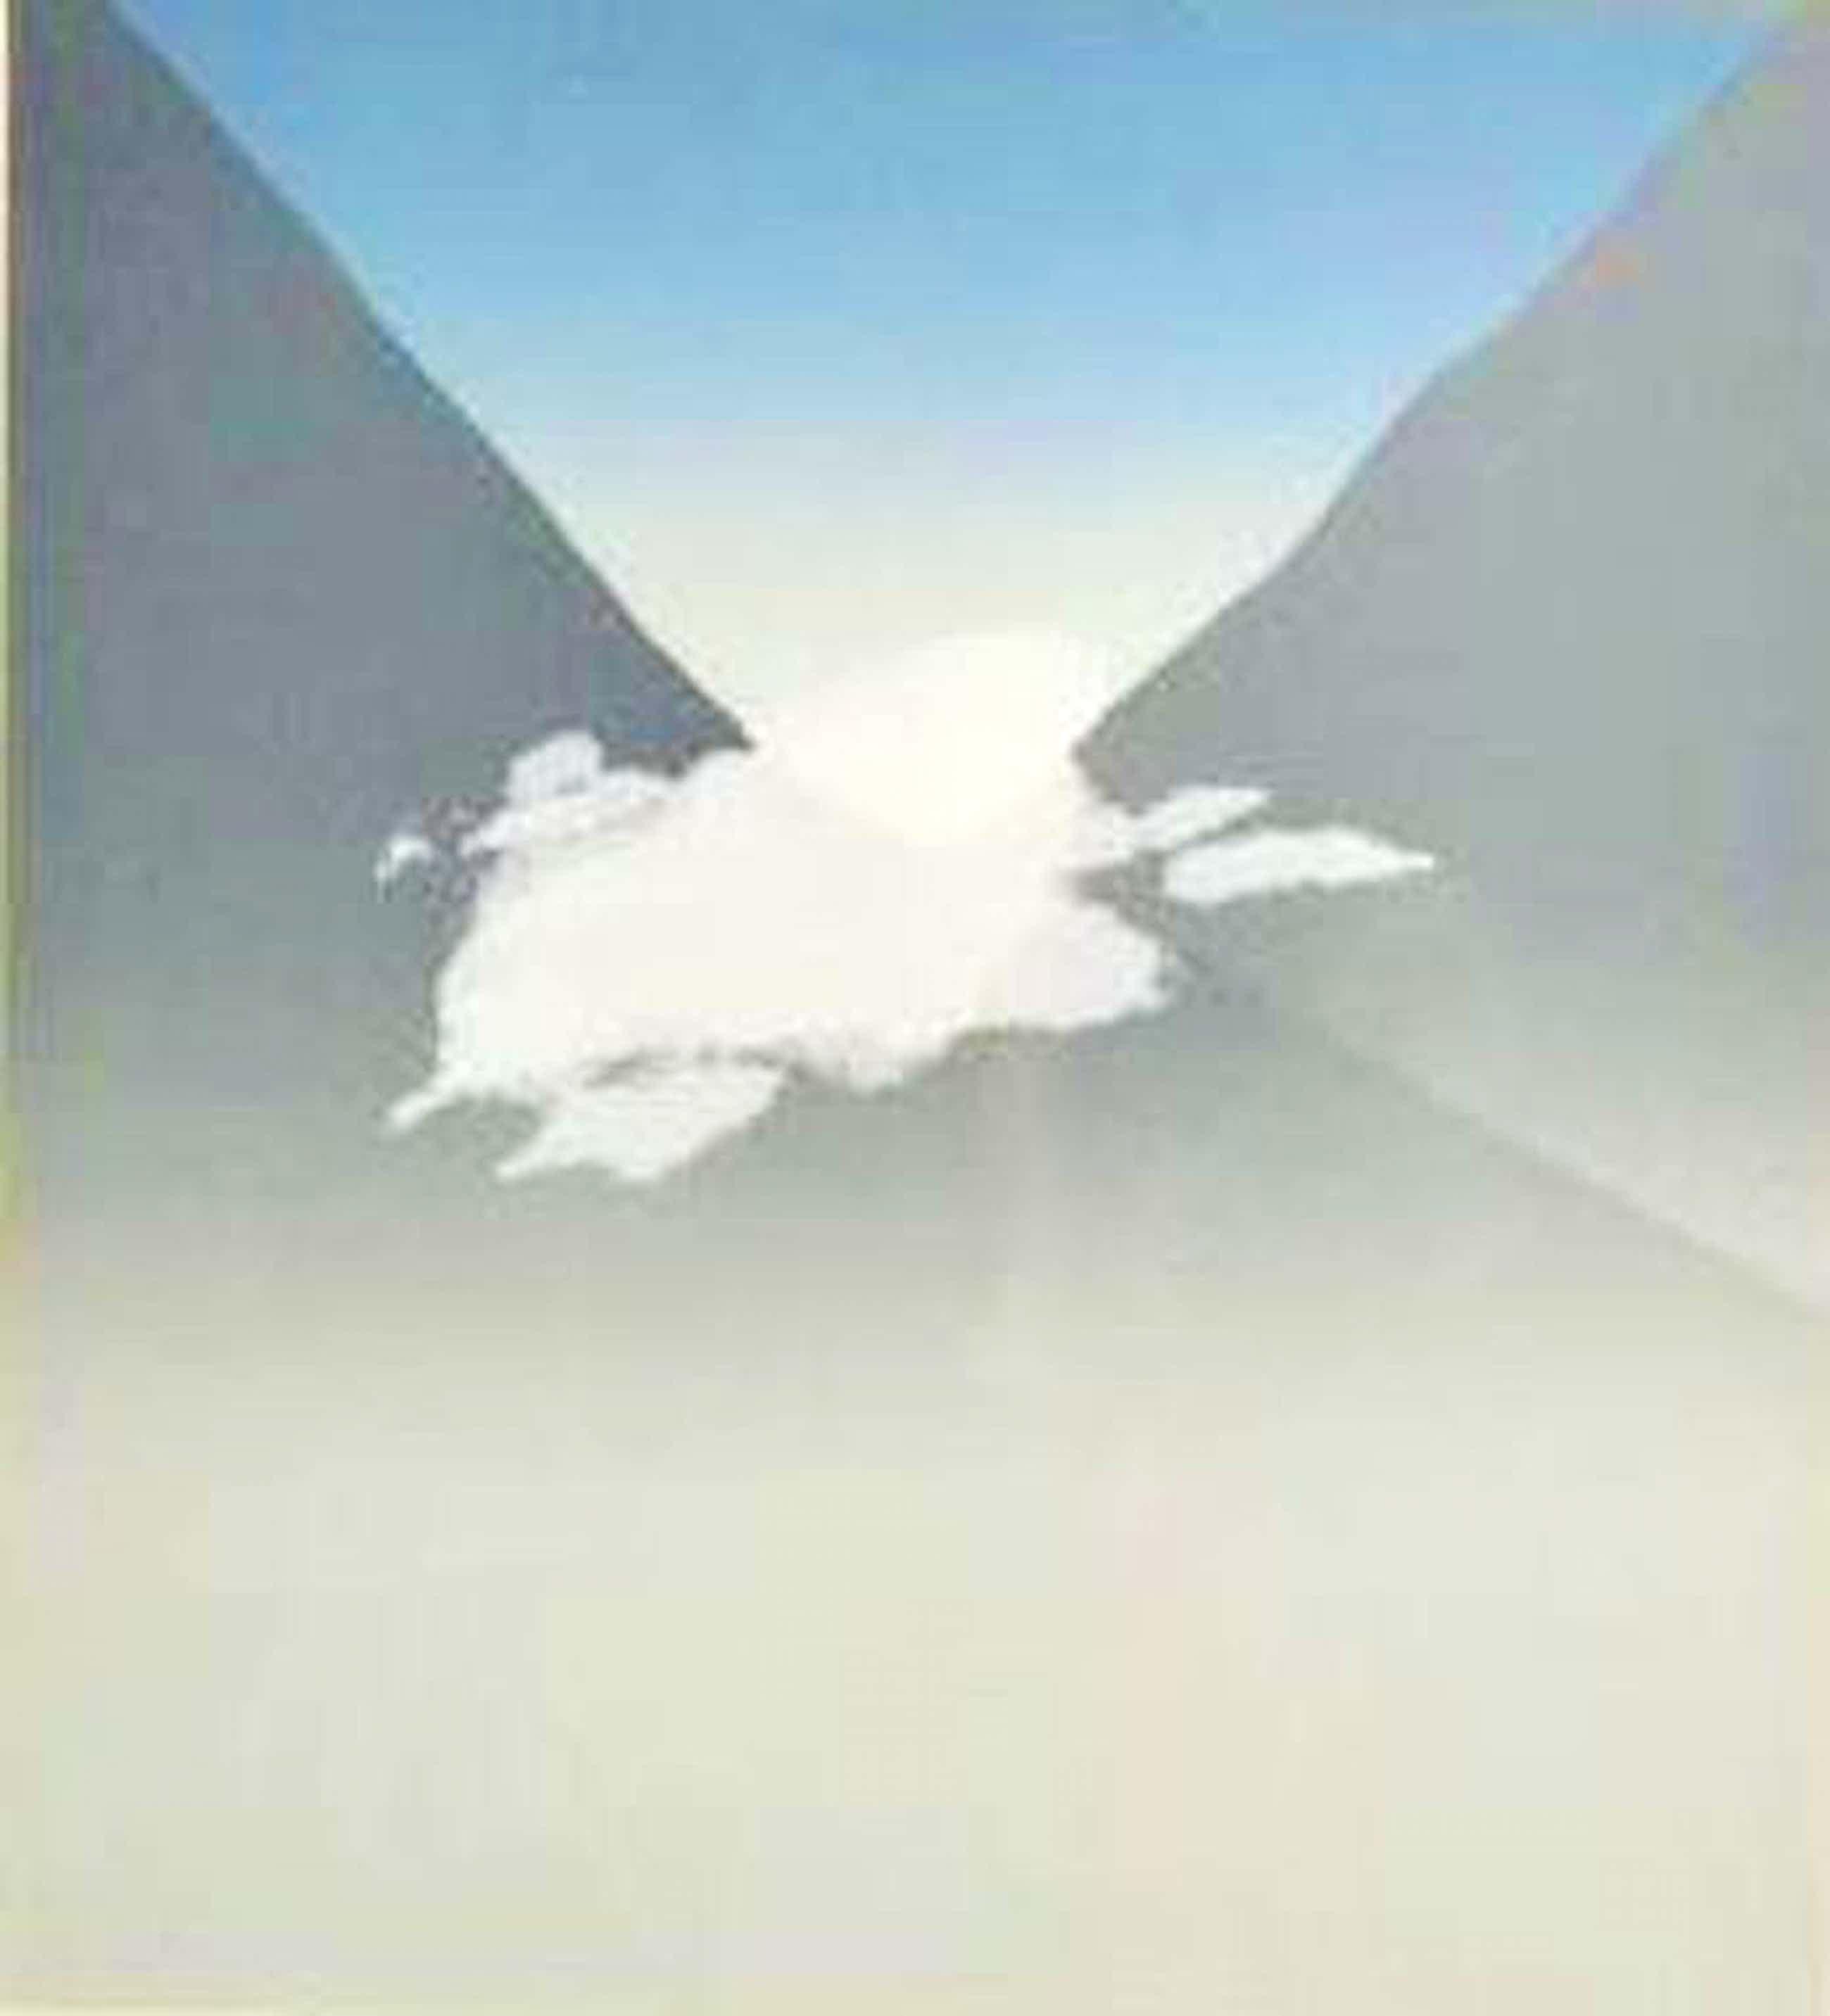 Jan Hendrix: Zeefdruk, Clouds entering valley 8D - Ingelijst kopen? Bied vanaf 60!